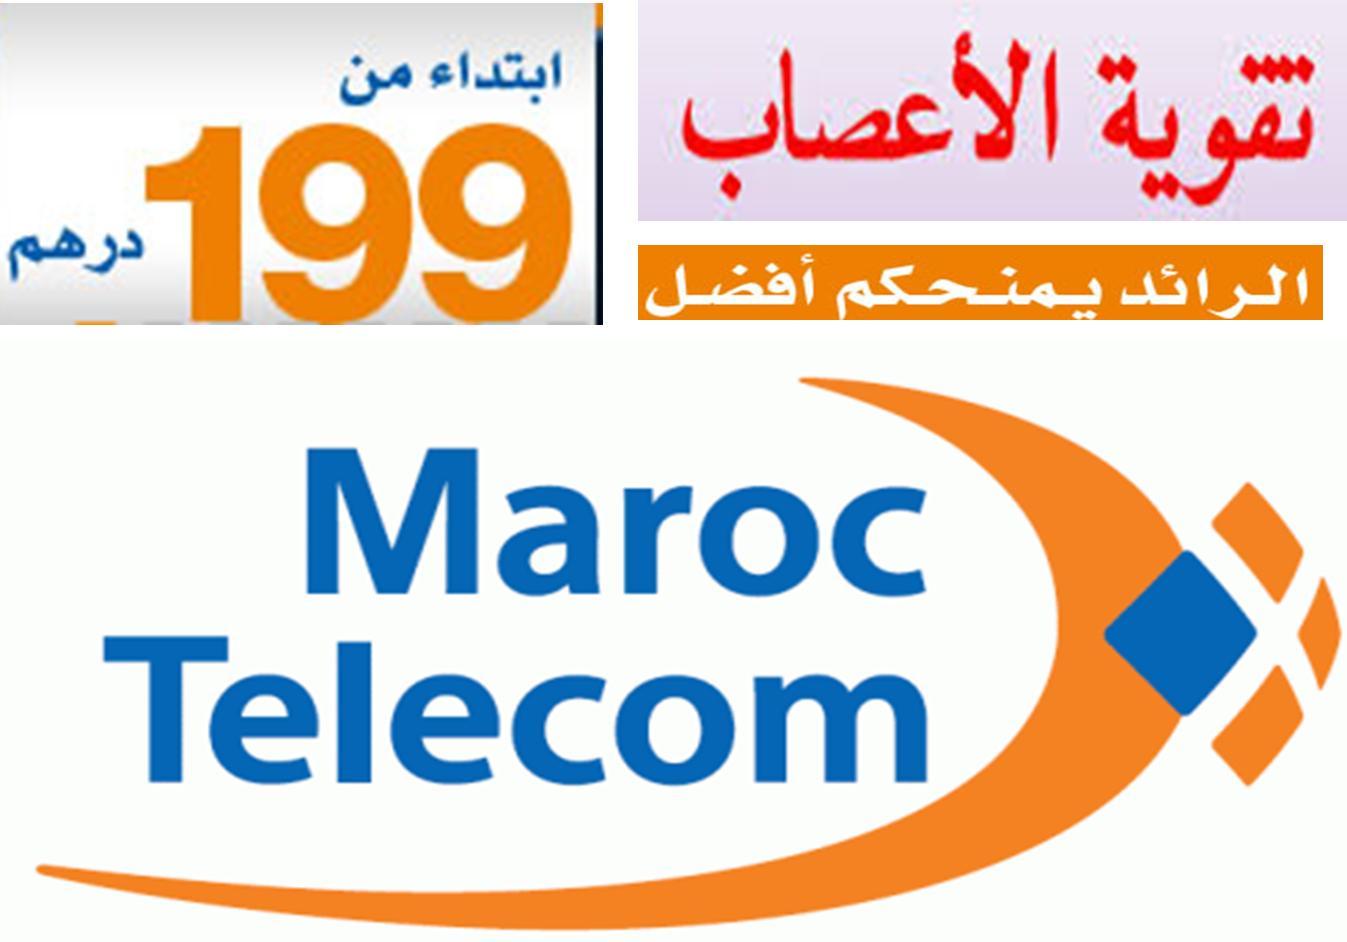 تارودانت: اتصالات المغرب تتقوى على ظهر معاناة زبنائها بجماعة المنيزلة